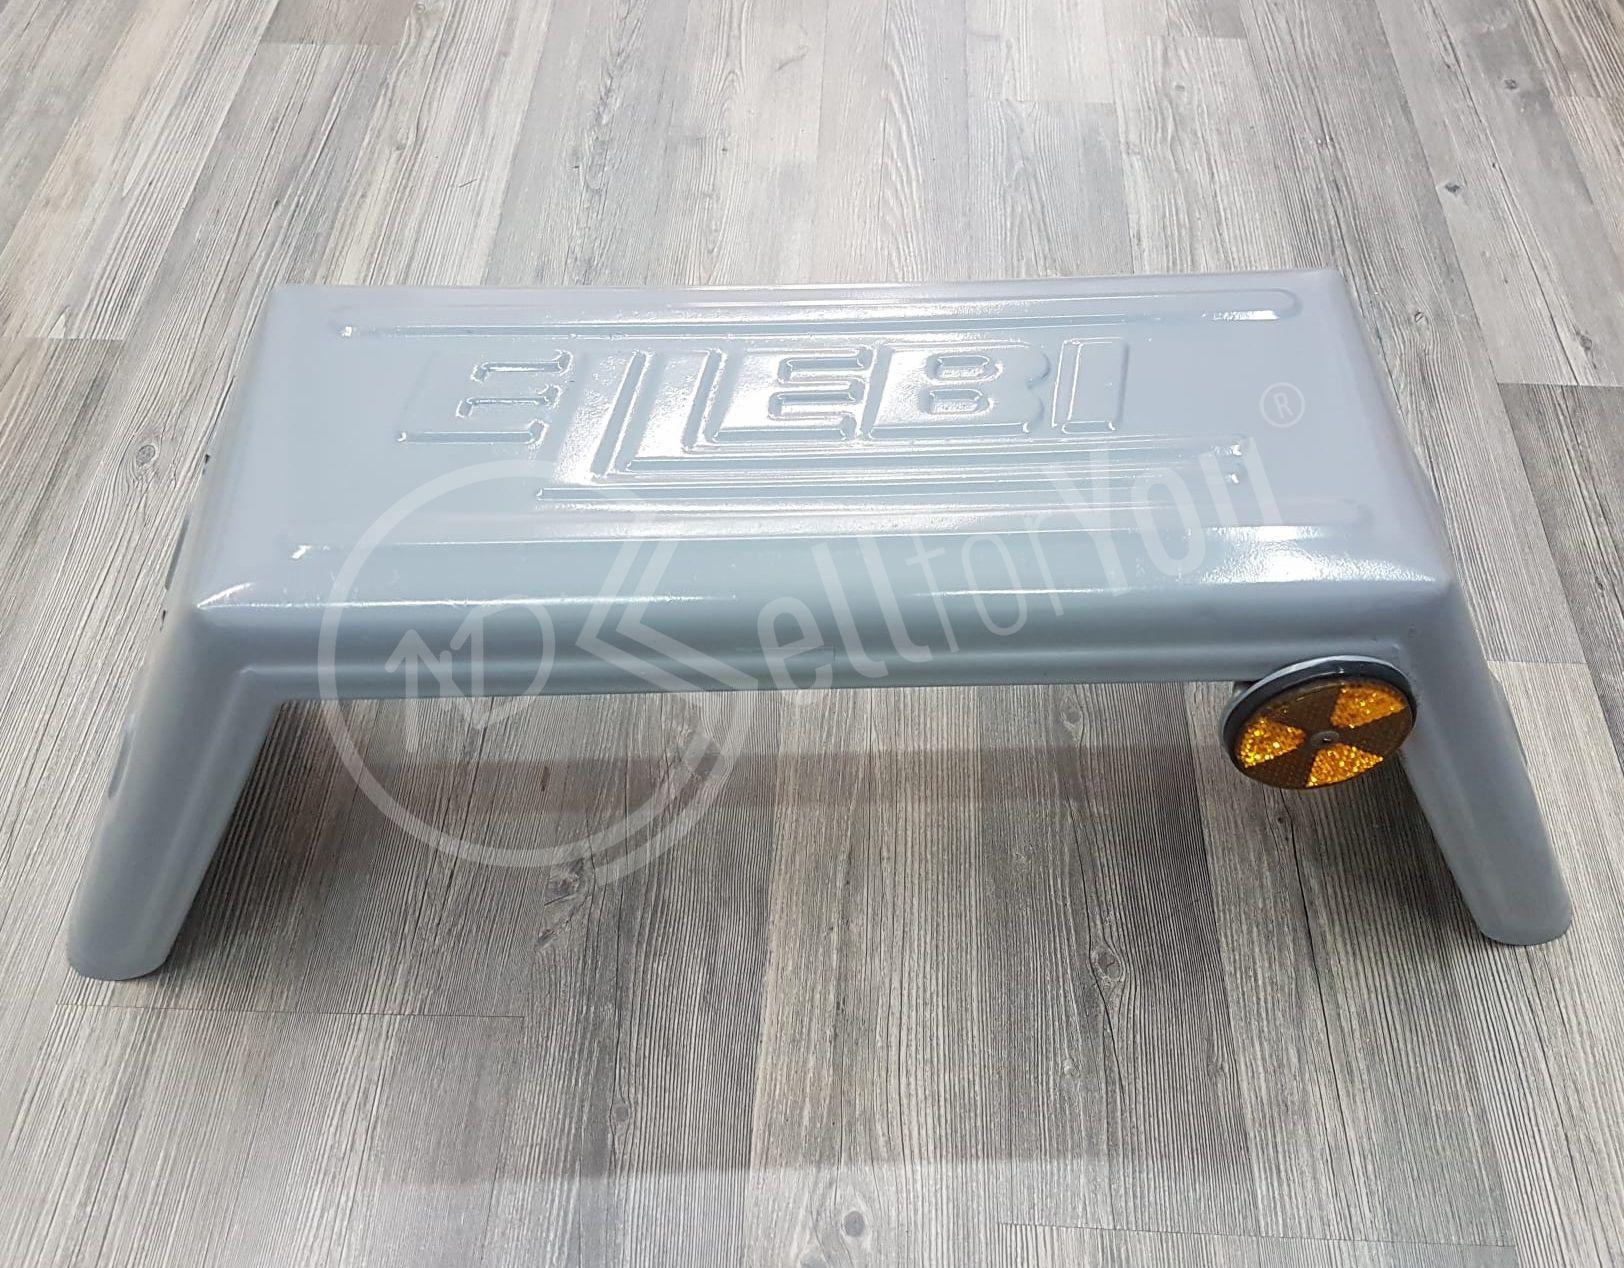 sellforyou immagine articolo Parafango in ferro per carrelli Ellebi 00115